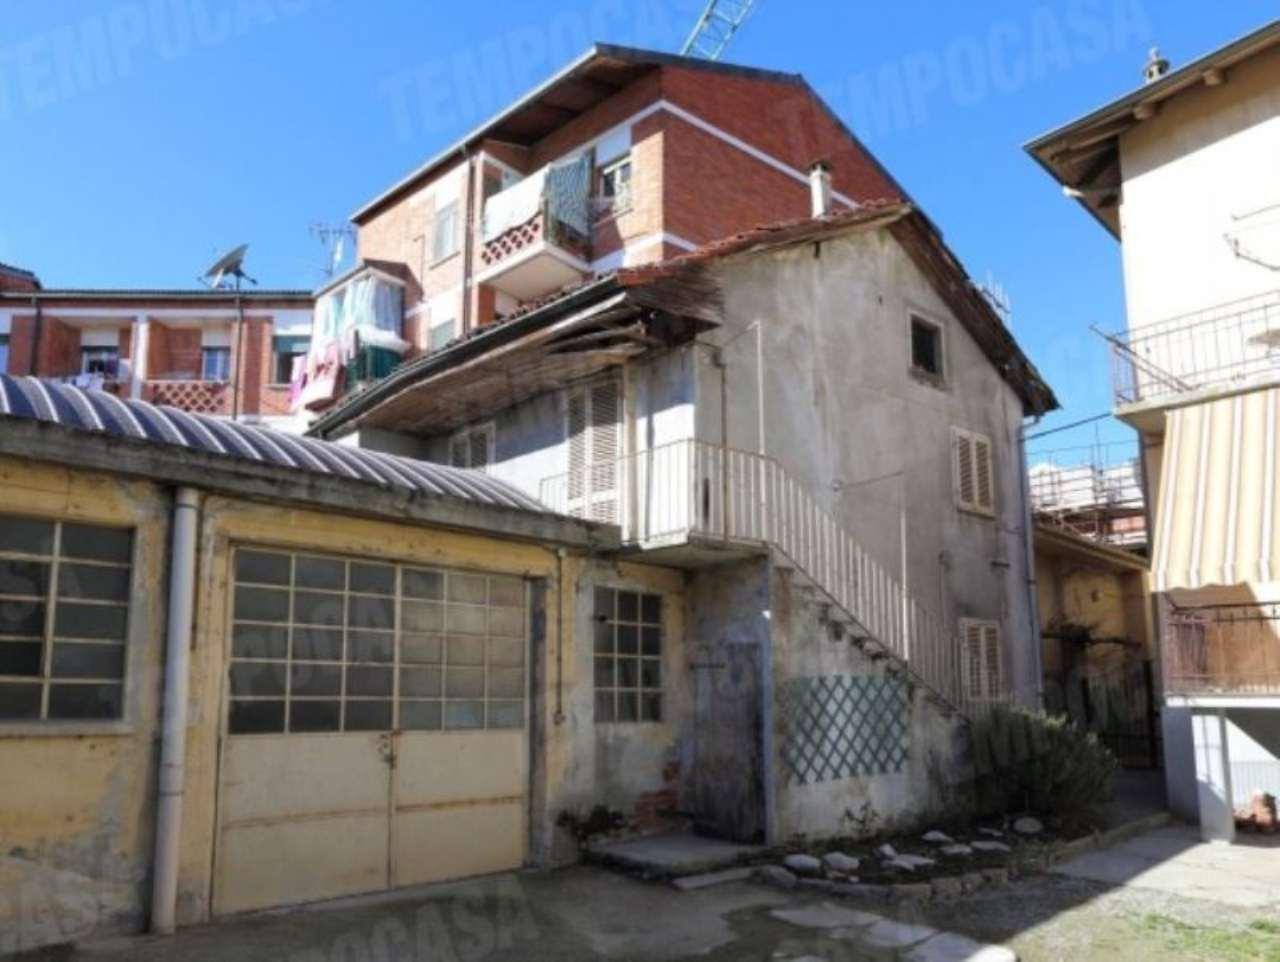 Rustico / Casale in vendita a Chivasso, 3 locali, prezzo € 65.000 | Cambio Casa.it